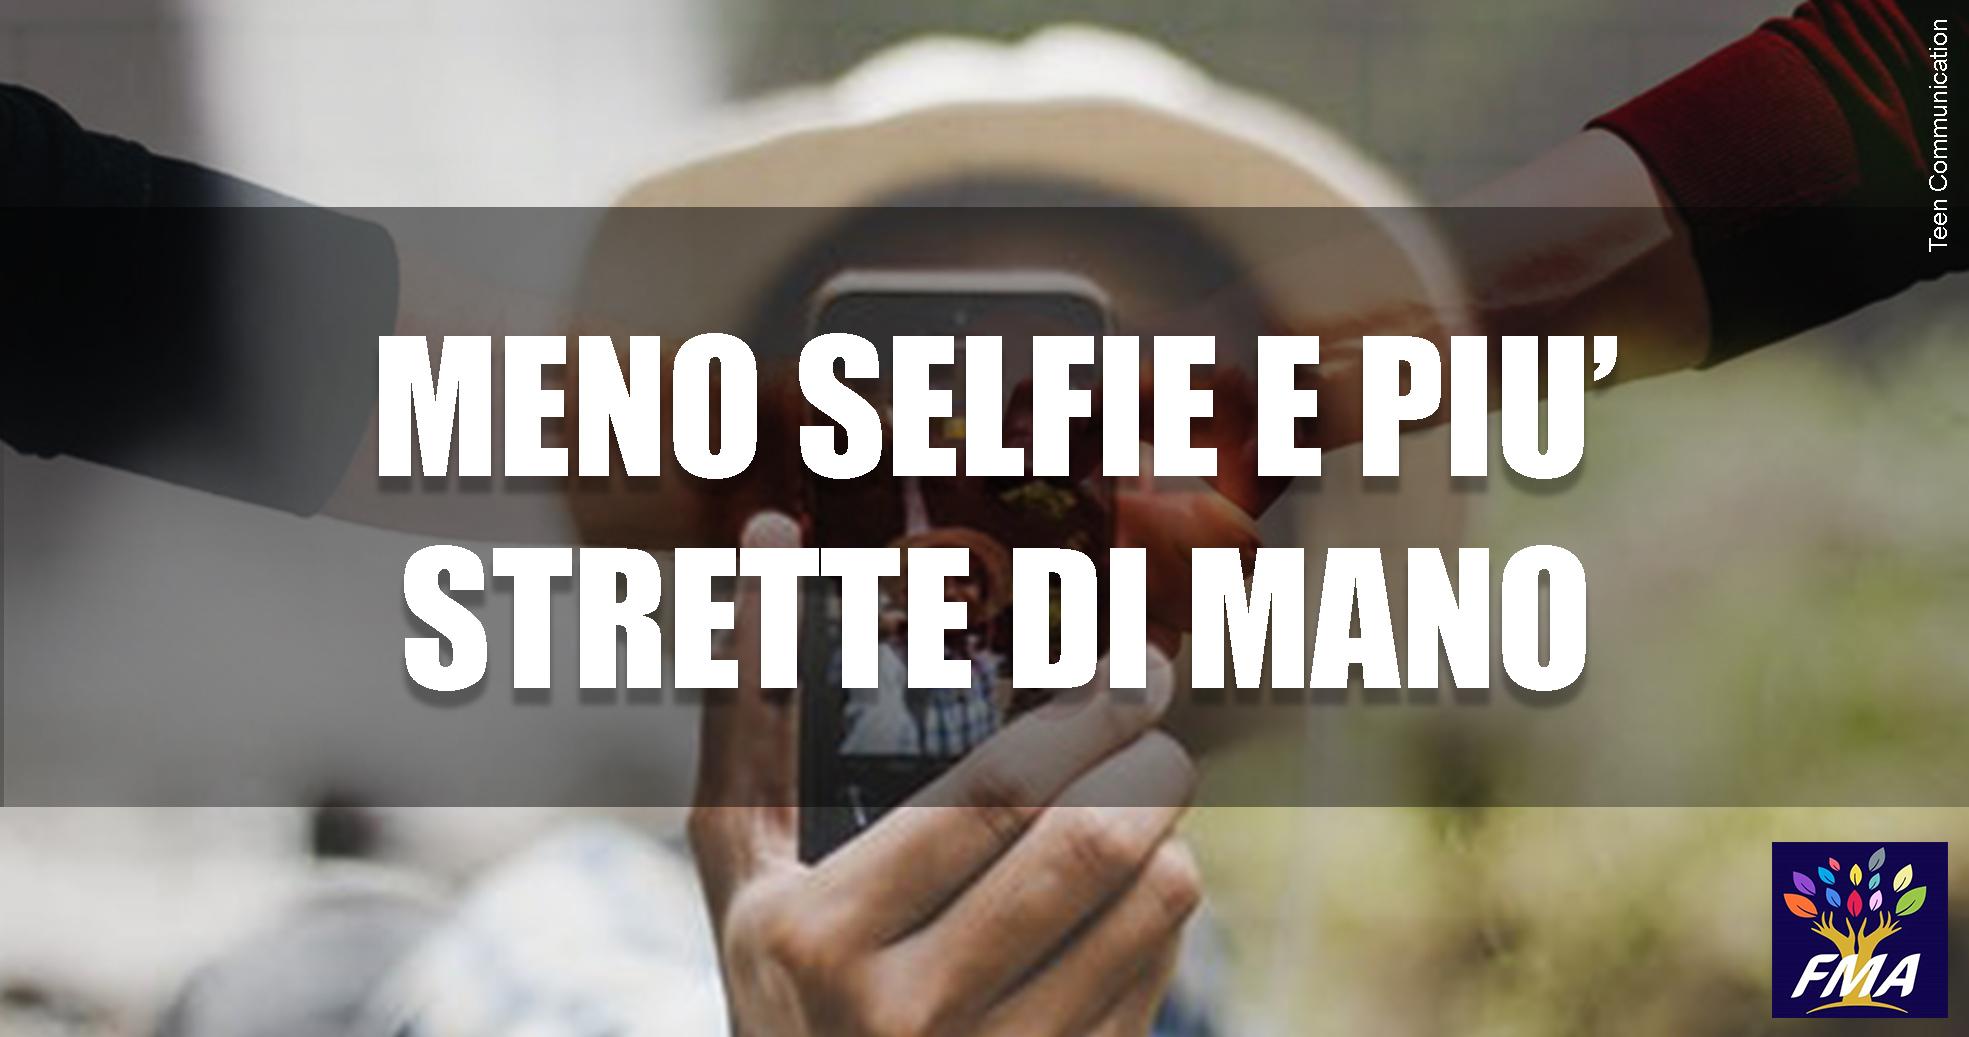 Meno selfie e più strette di mano